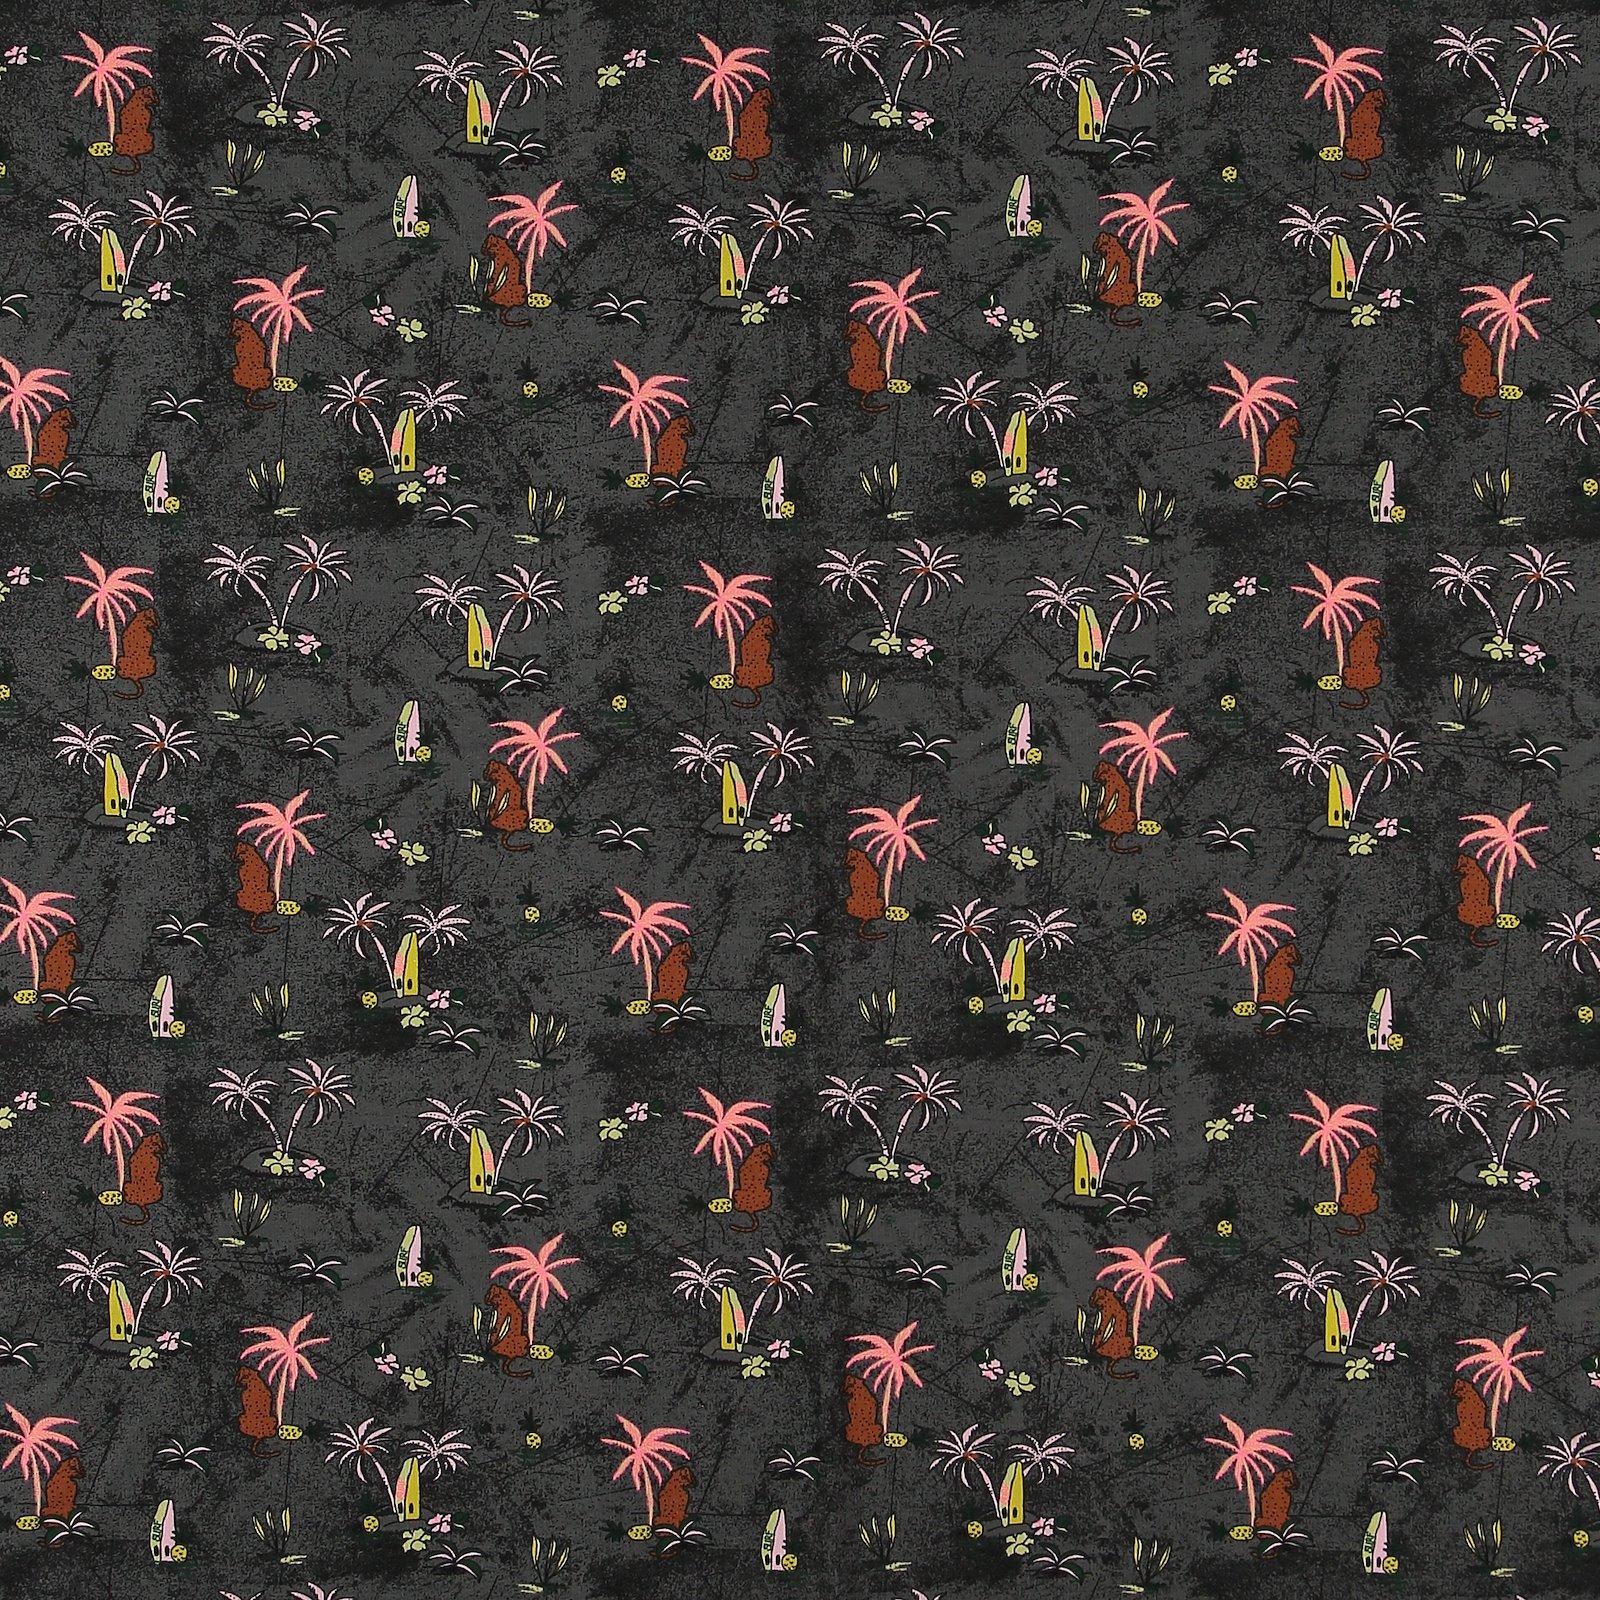 French terry w stretch dark grey w palms 211739_pack_sp